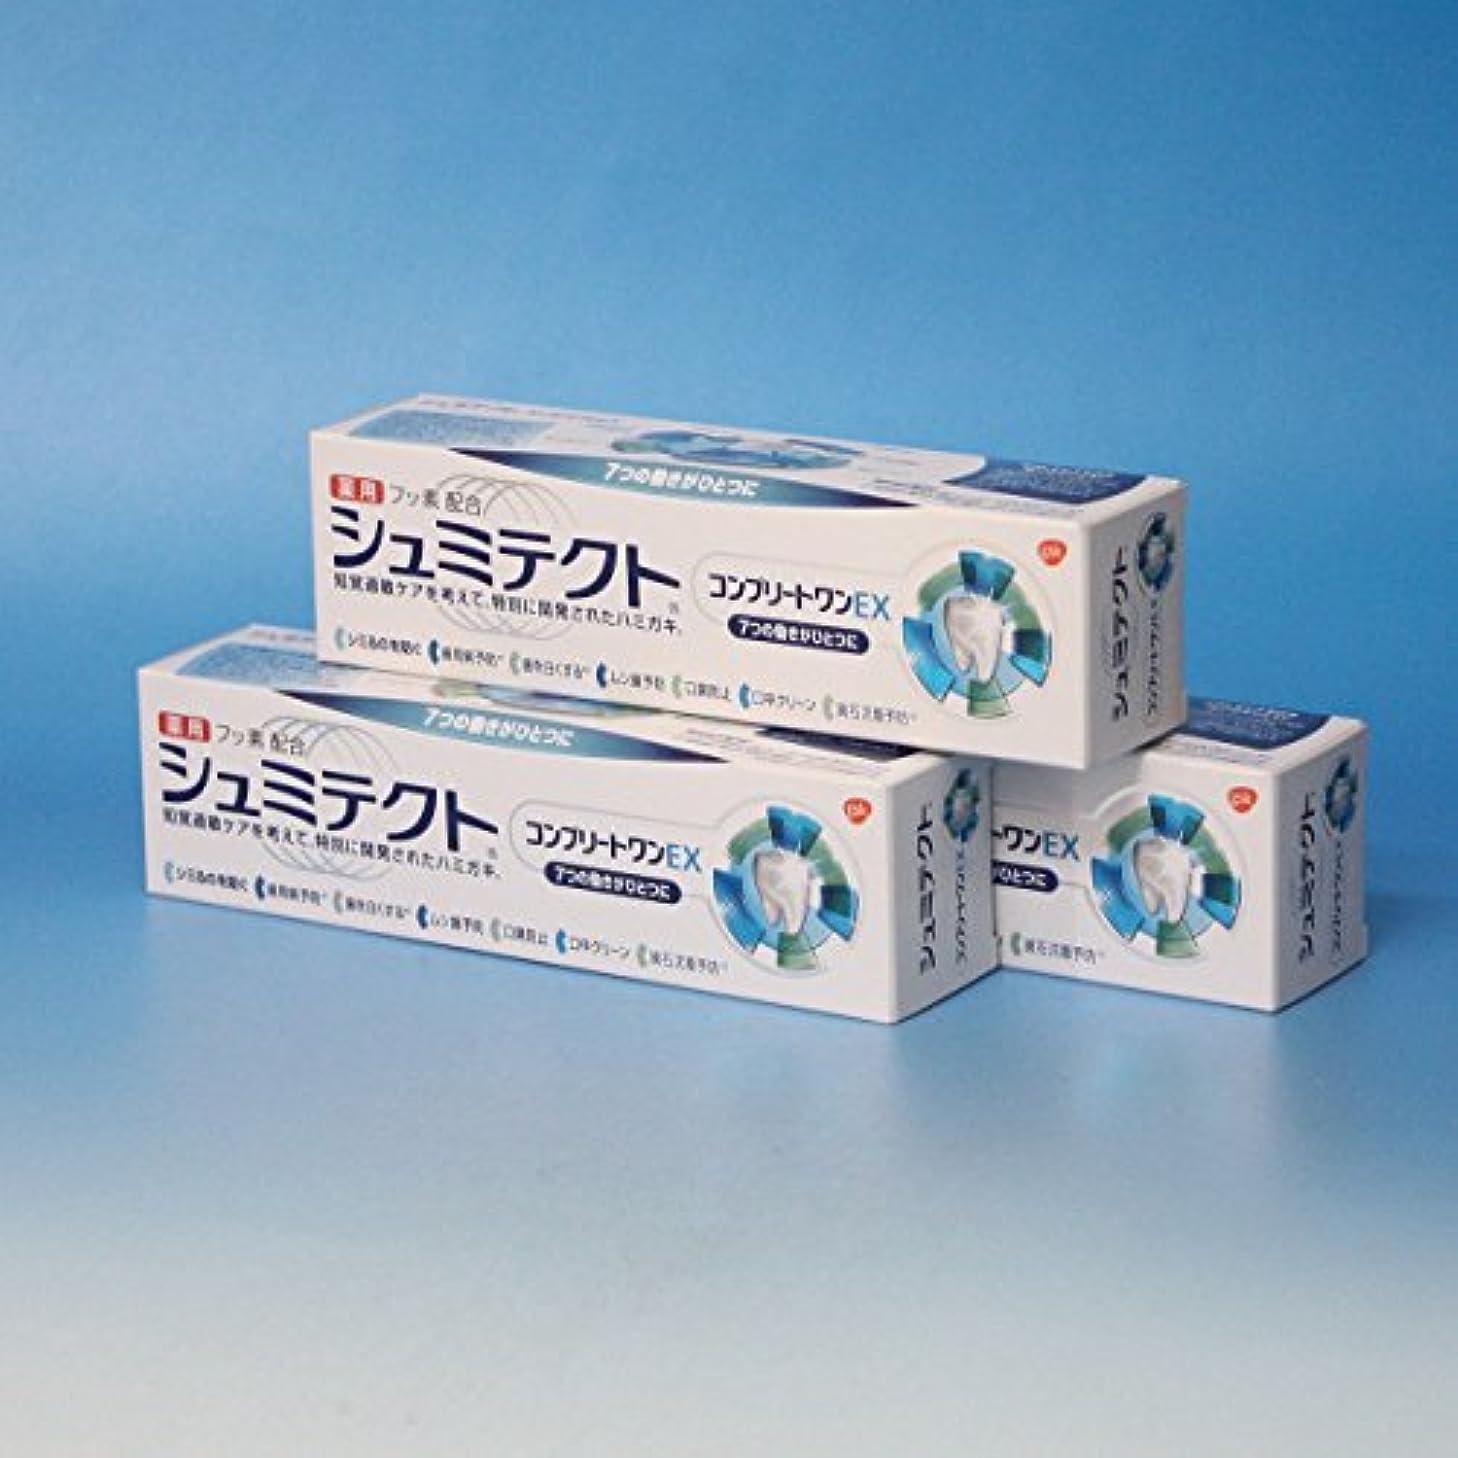 エラー軸起こりやすい【アース製薬】シュミテクトコンプリートワンEX 90g ×3個セット